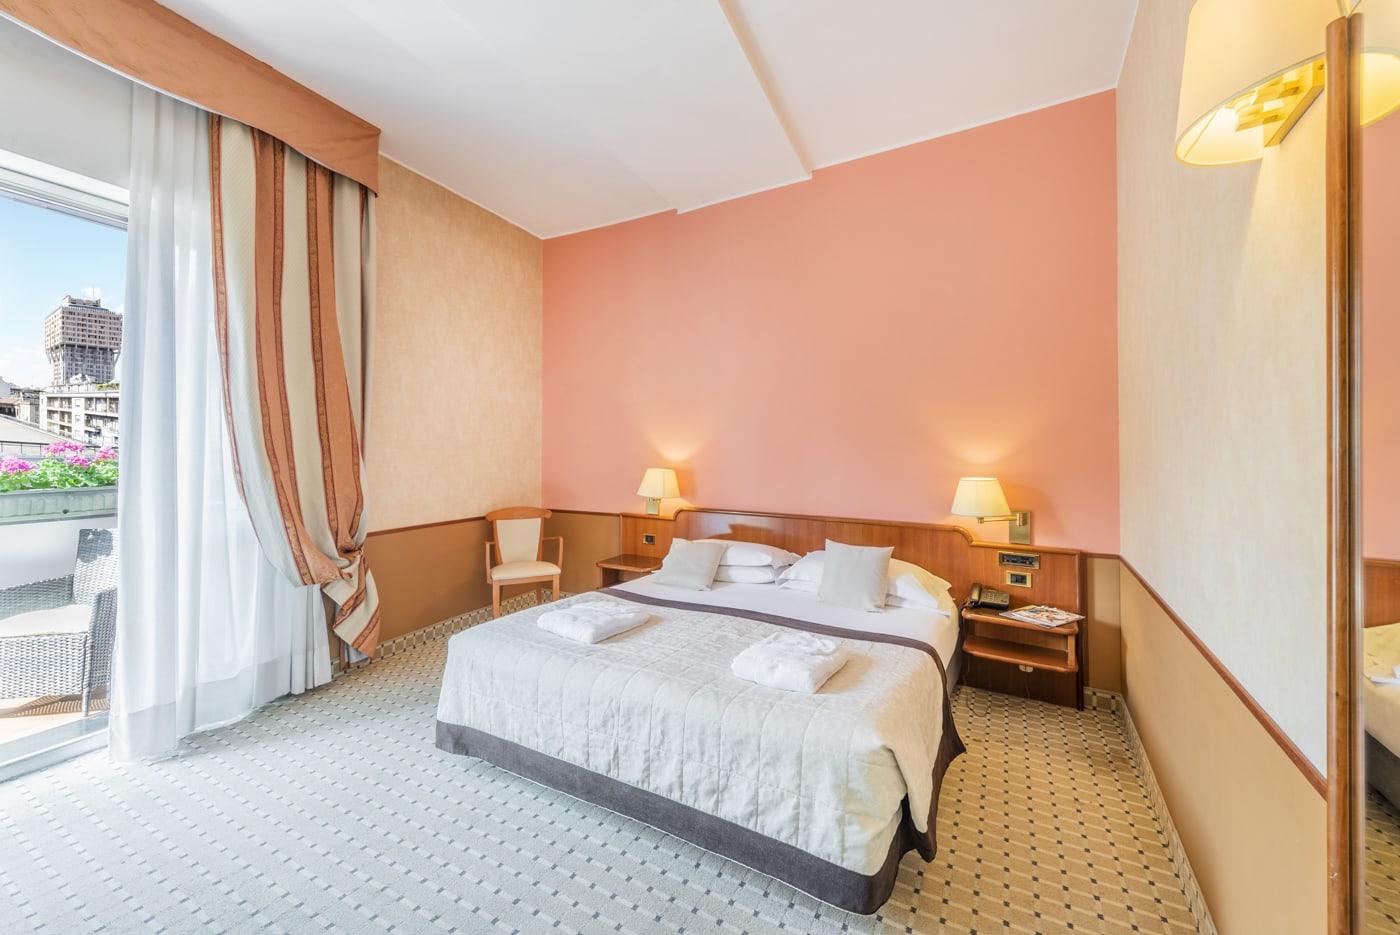 servizio fotografico hotel ascot milano fotografo ticino ForHotel Ascot Milano